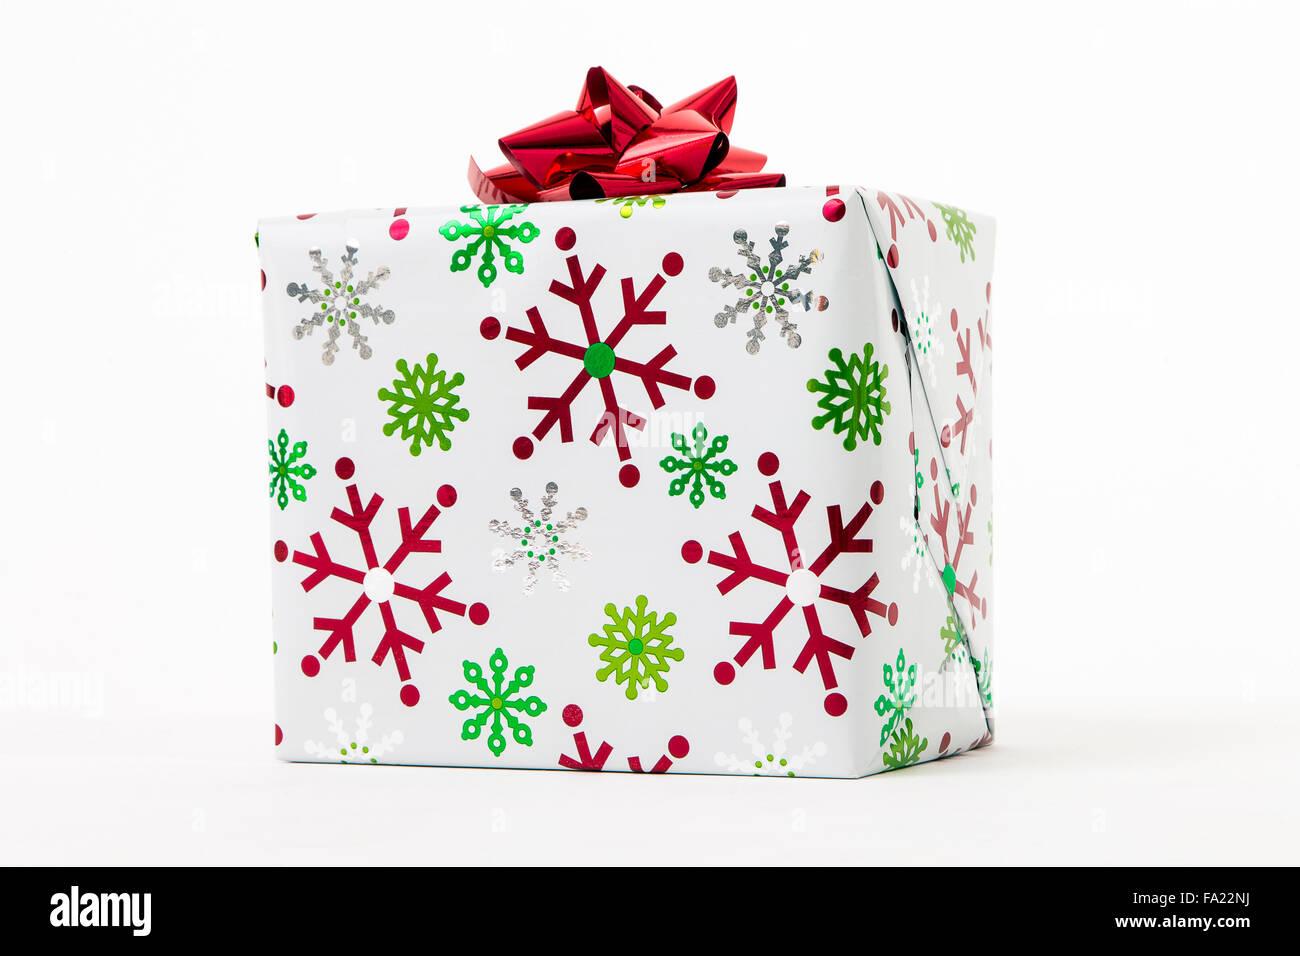 Weihnachtsgeschenk, eingewickelt in Papier mit Schneeflocken Stockbild